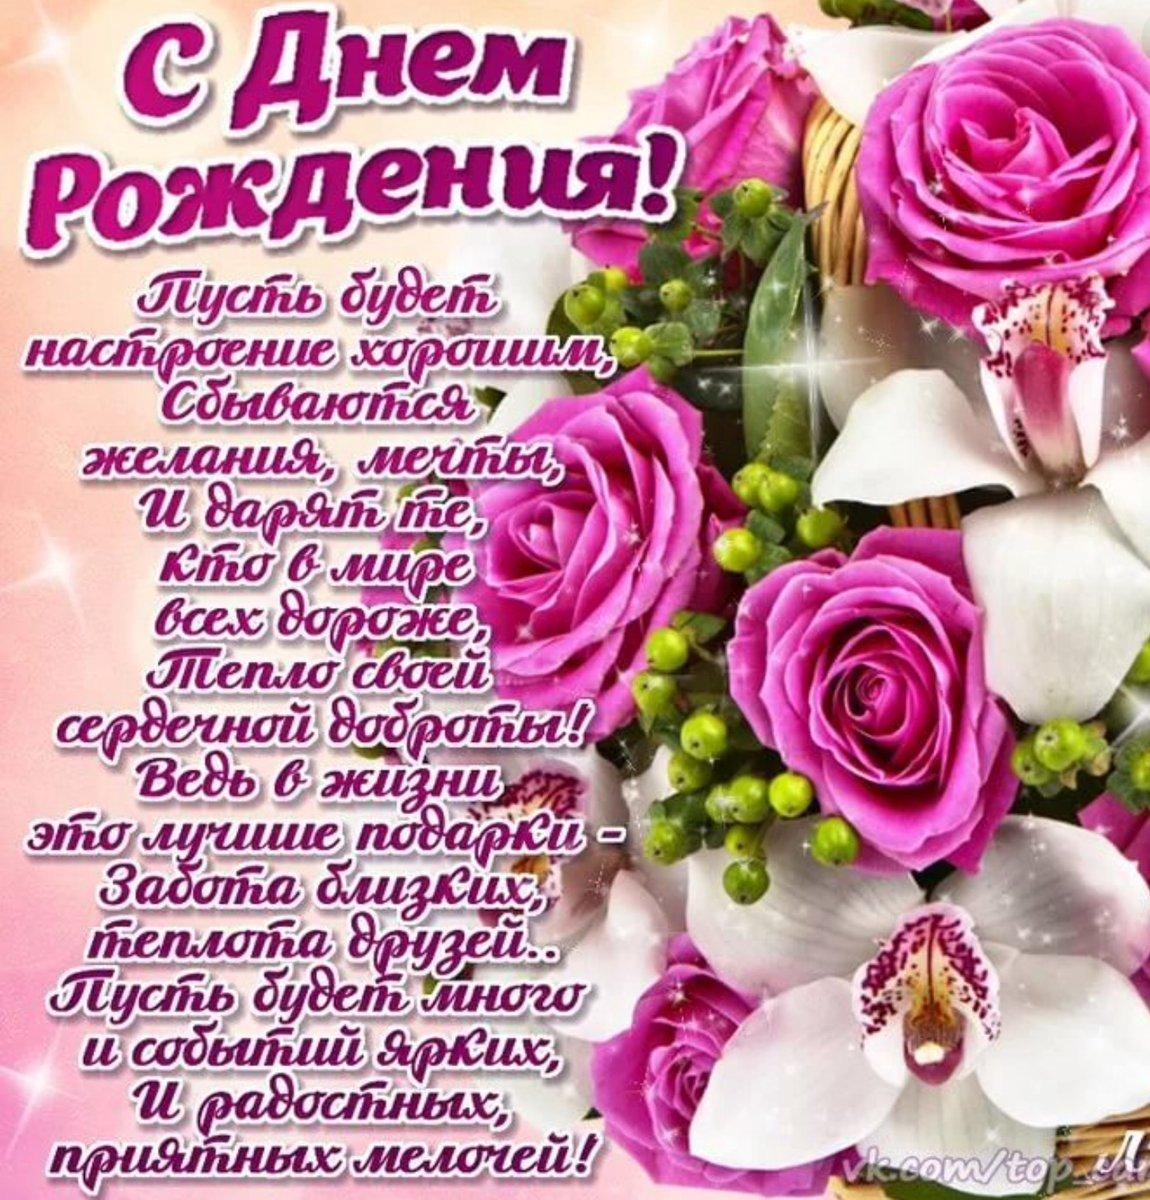 Открытка поздравление с днем рождения женщину, открытки майл